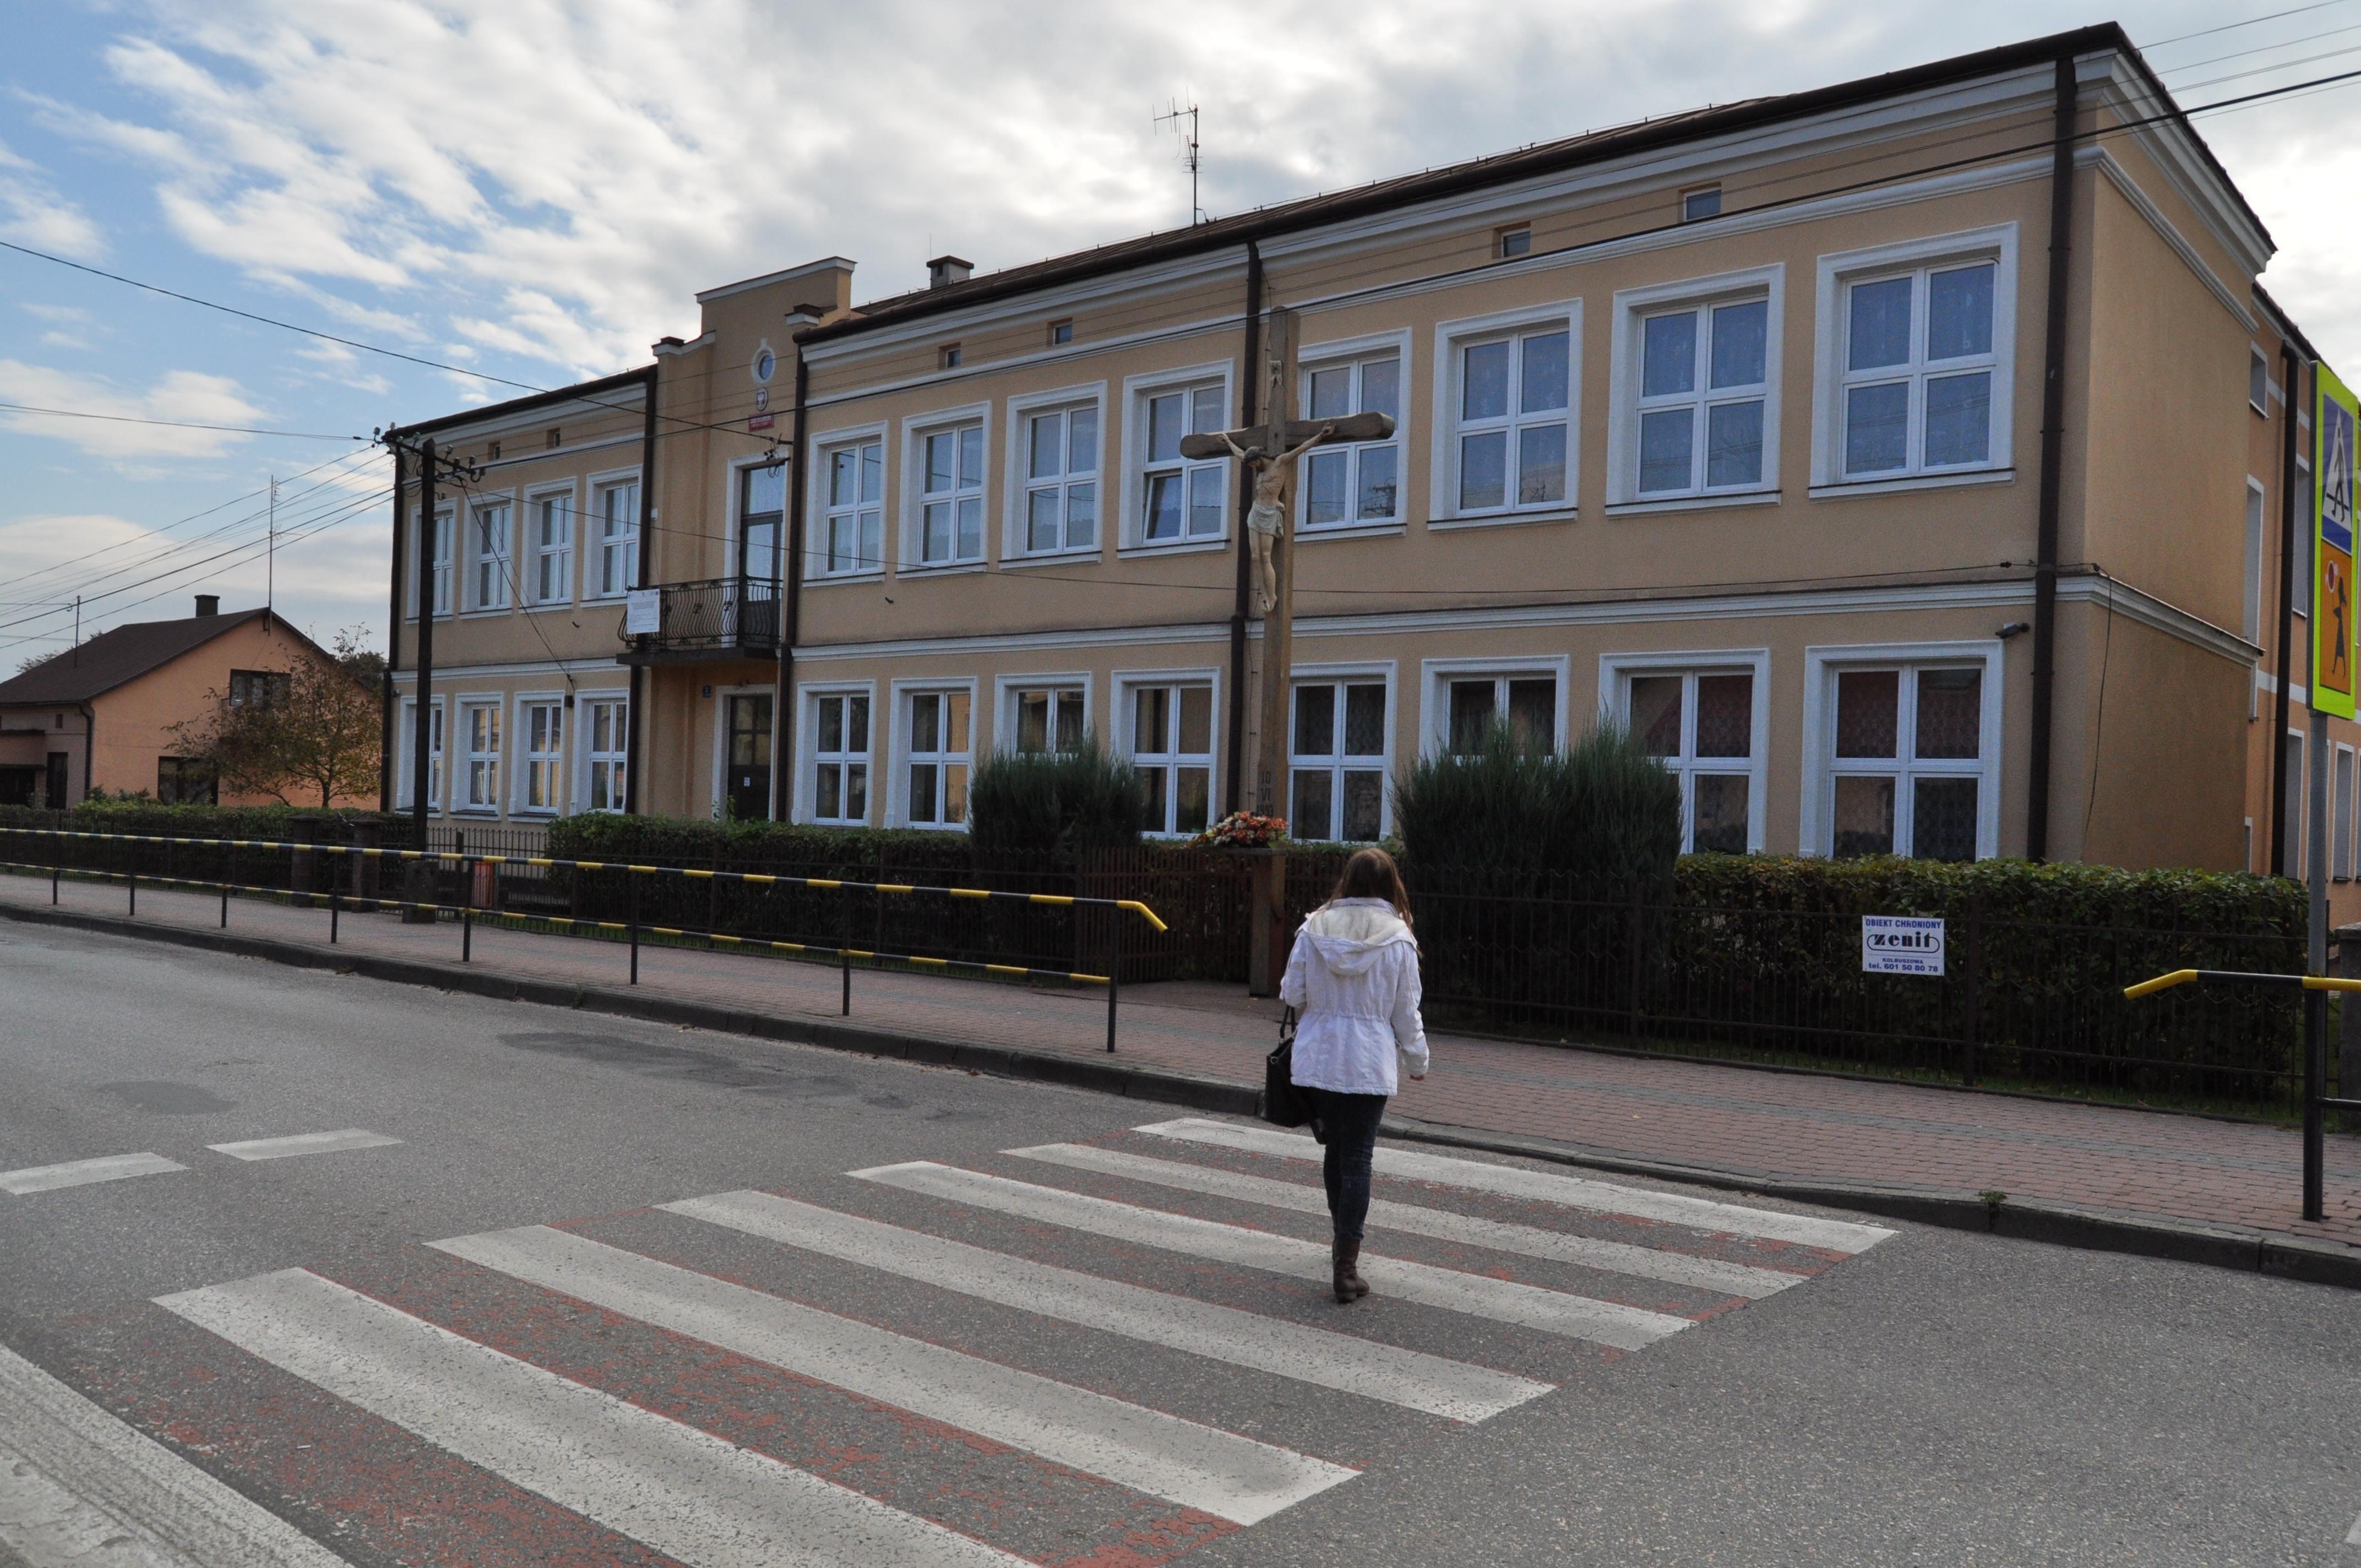 Gmina Raniżów. Samorząd unieważnił postępowanie w sprawie remontu toalet szkolnych w placówce przy ul. Grunwaldzkiej  - Zdjęcie główne